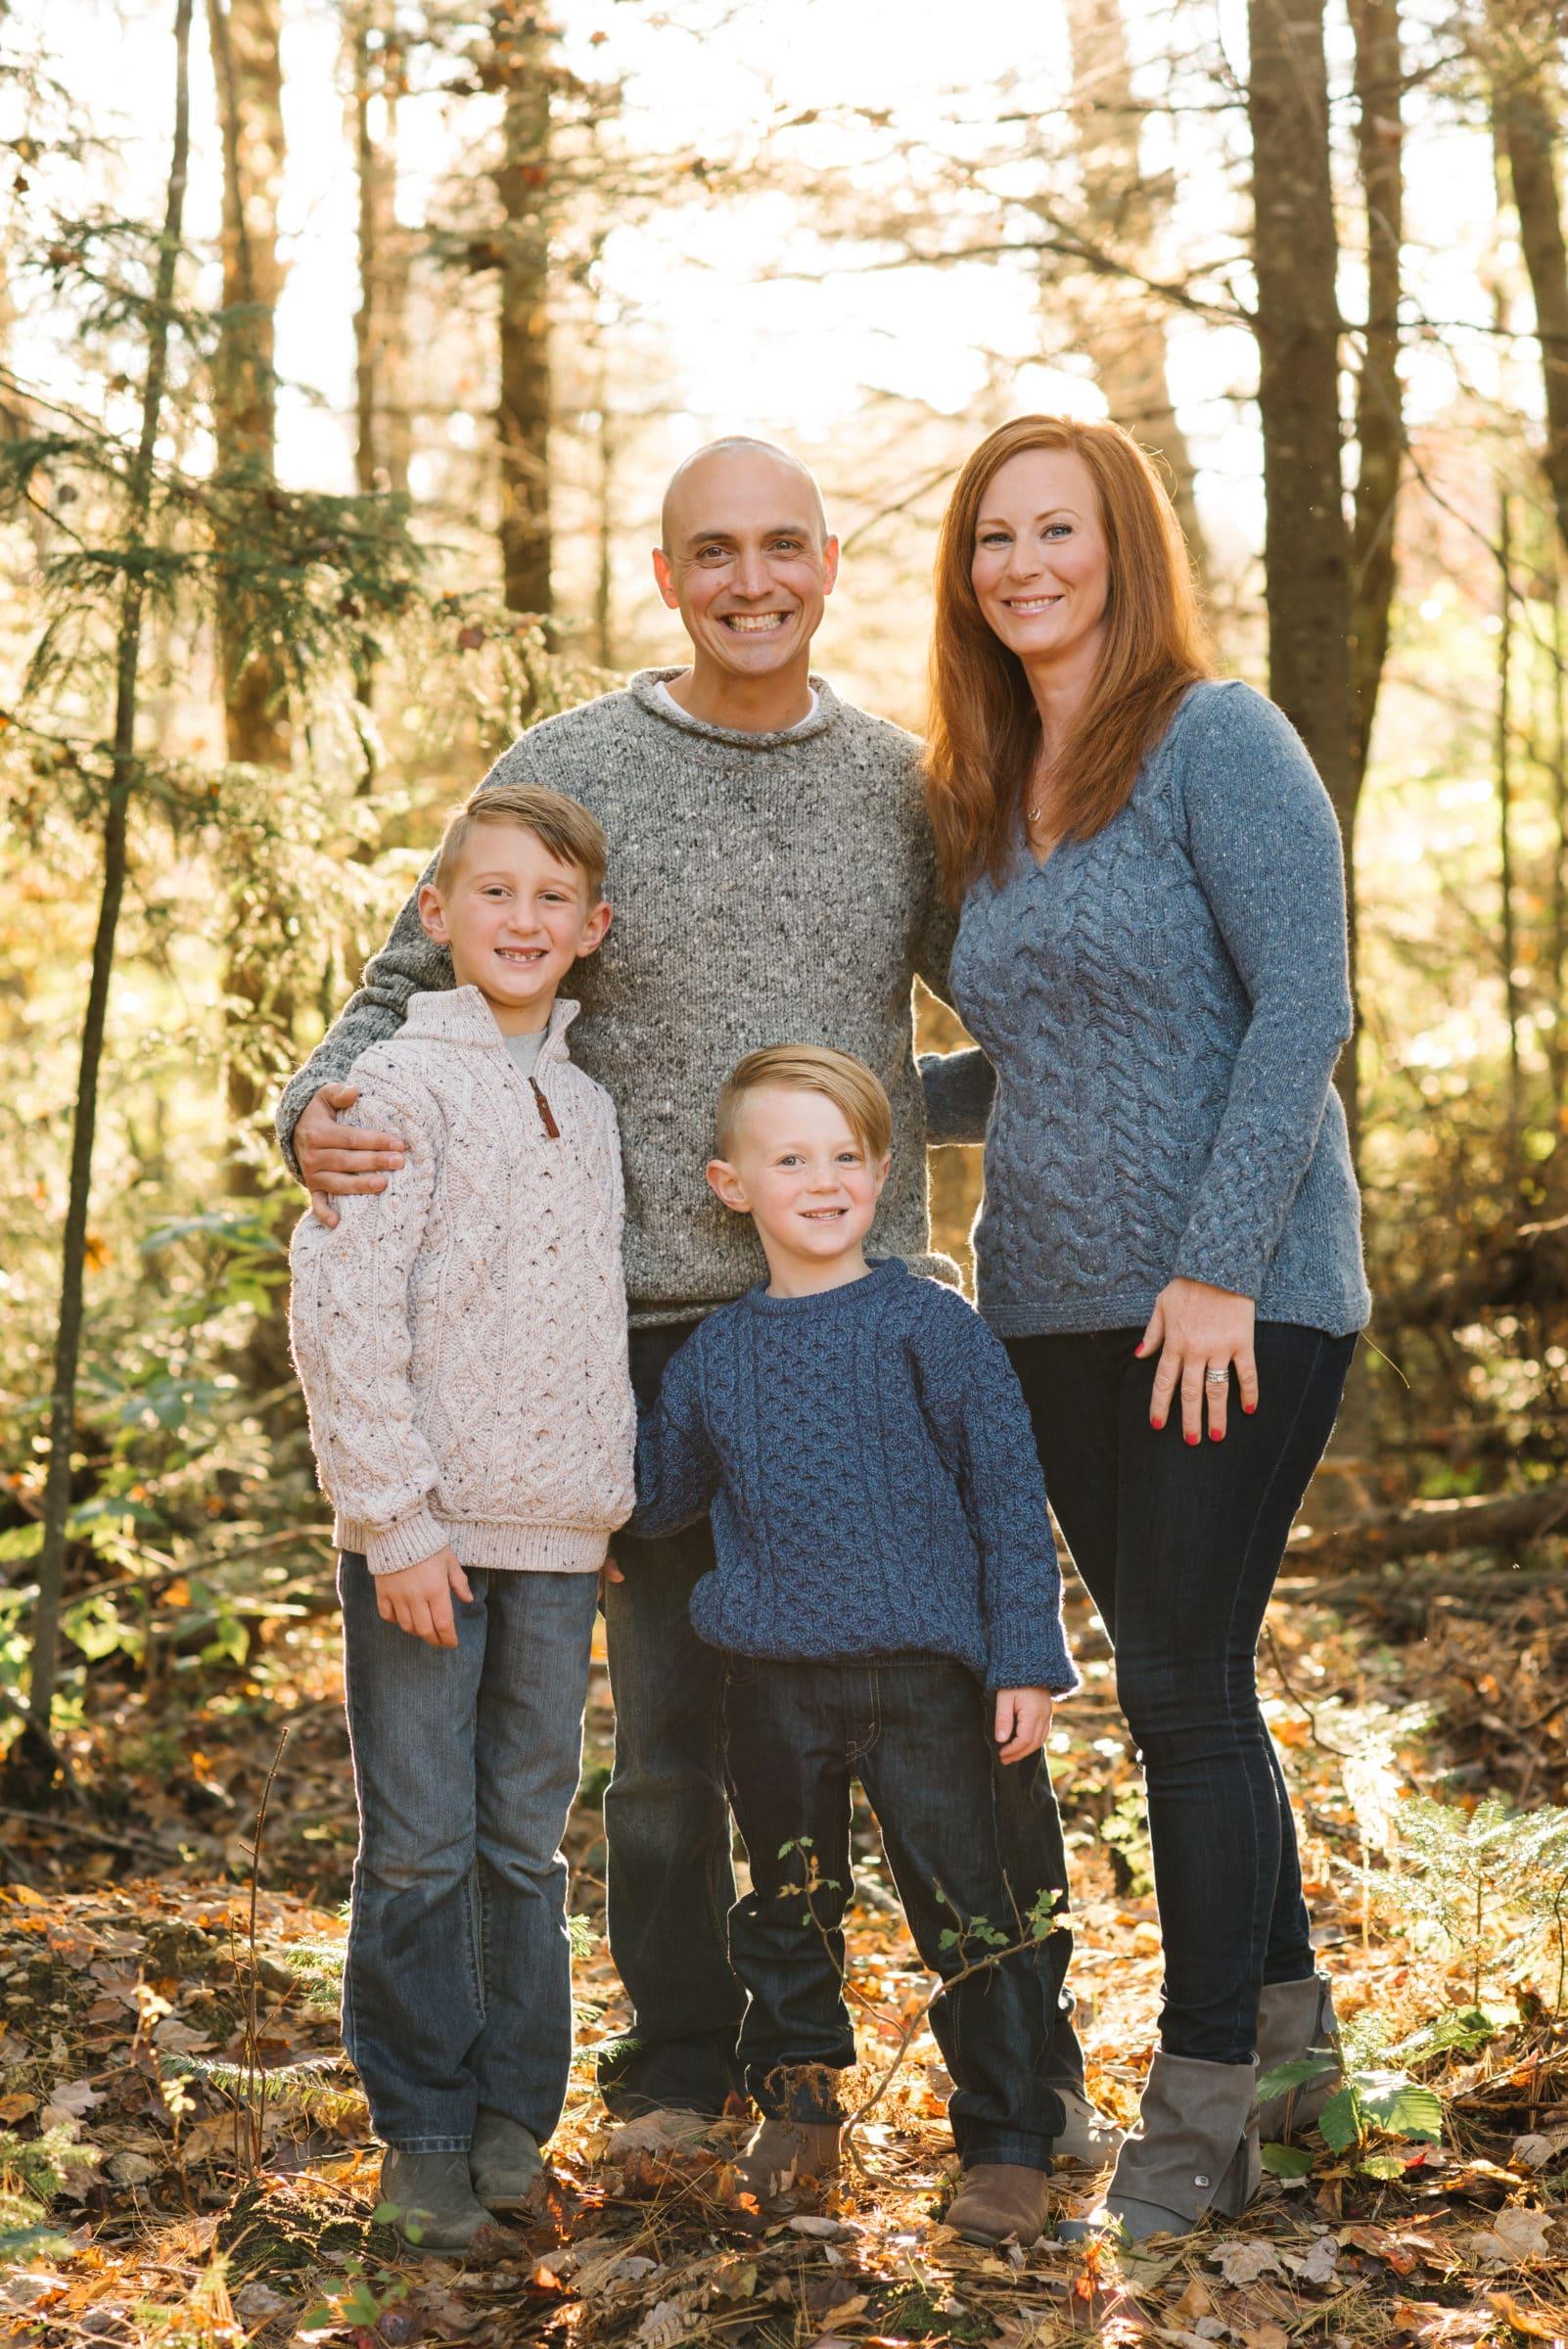 Gardner family session, family portrait